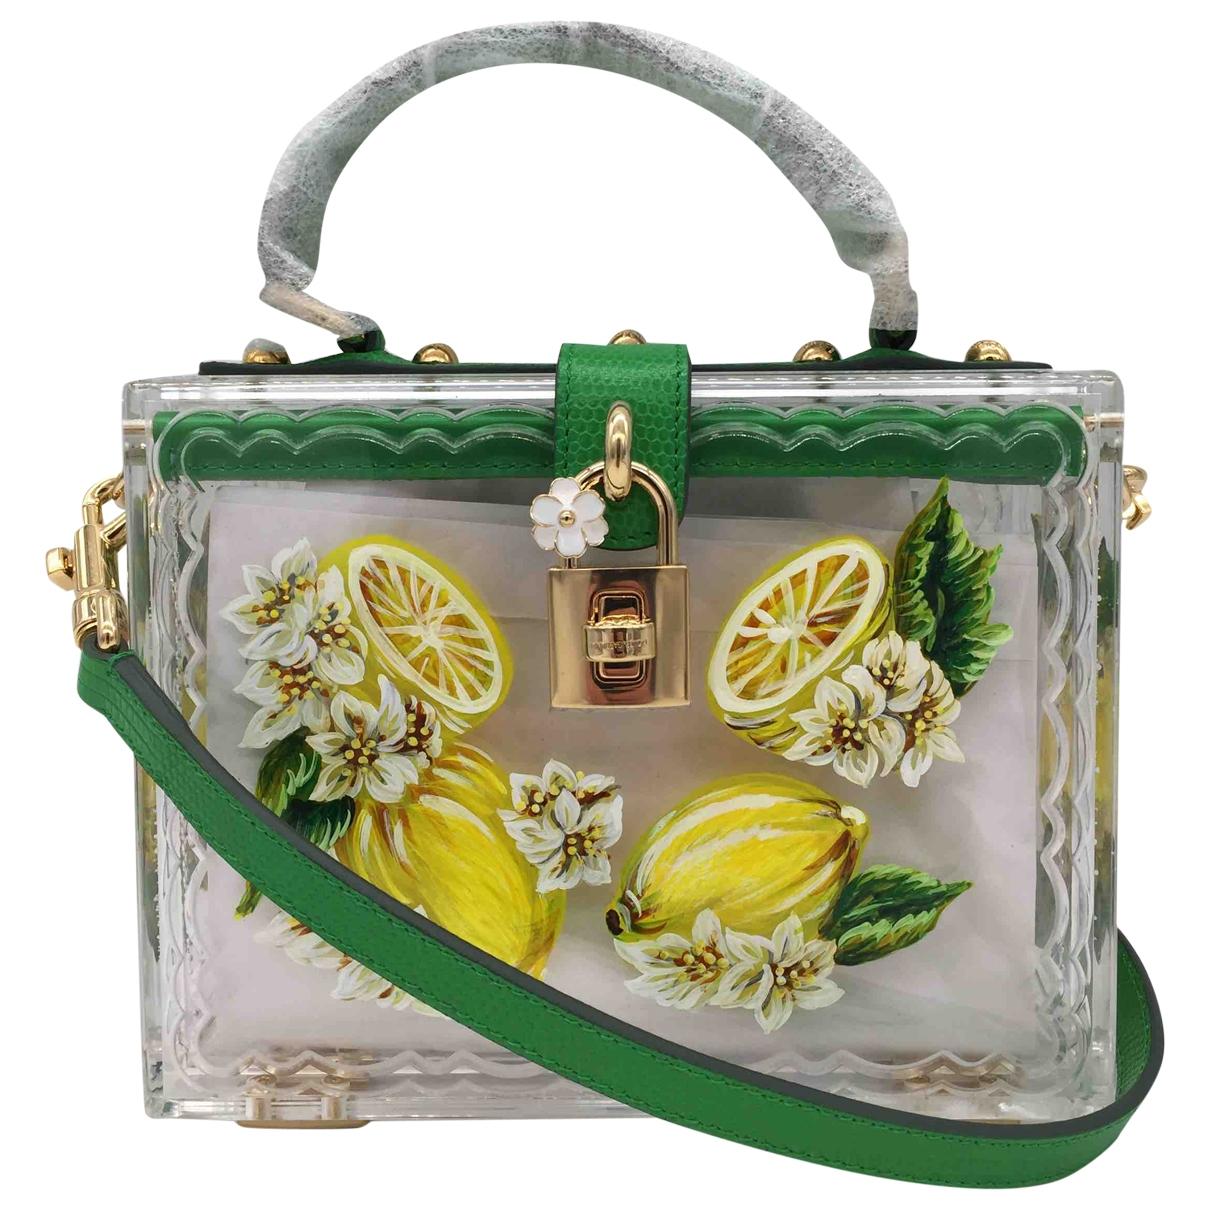 Dolce & Gabbana - Pochette   pour femme - vert